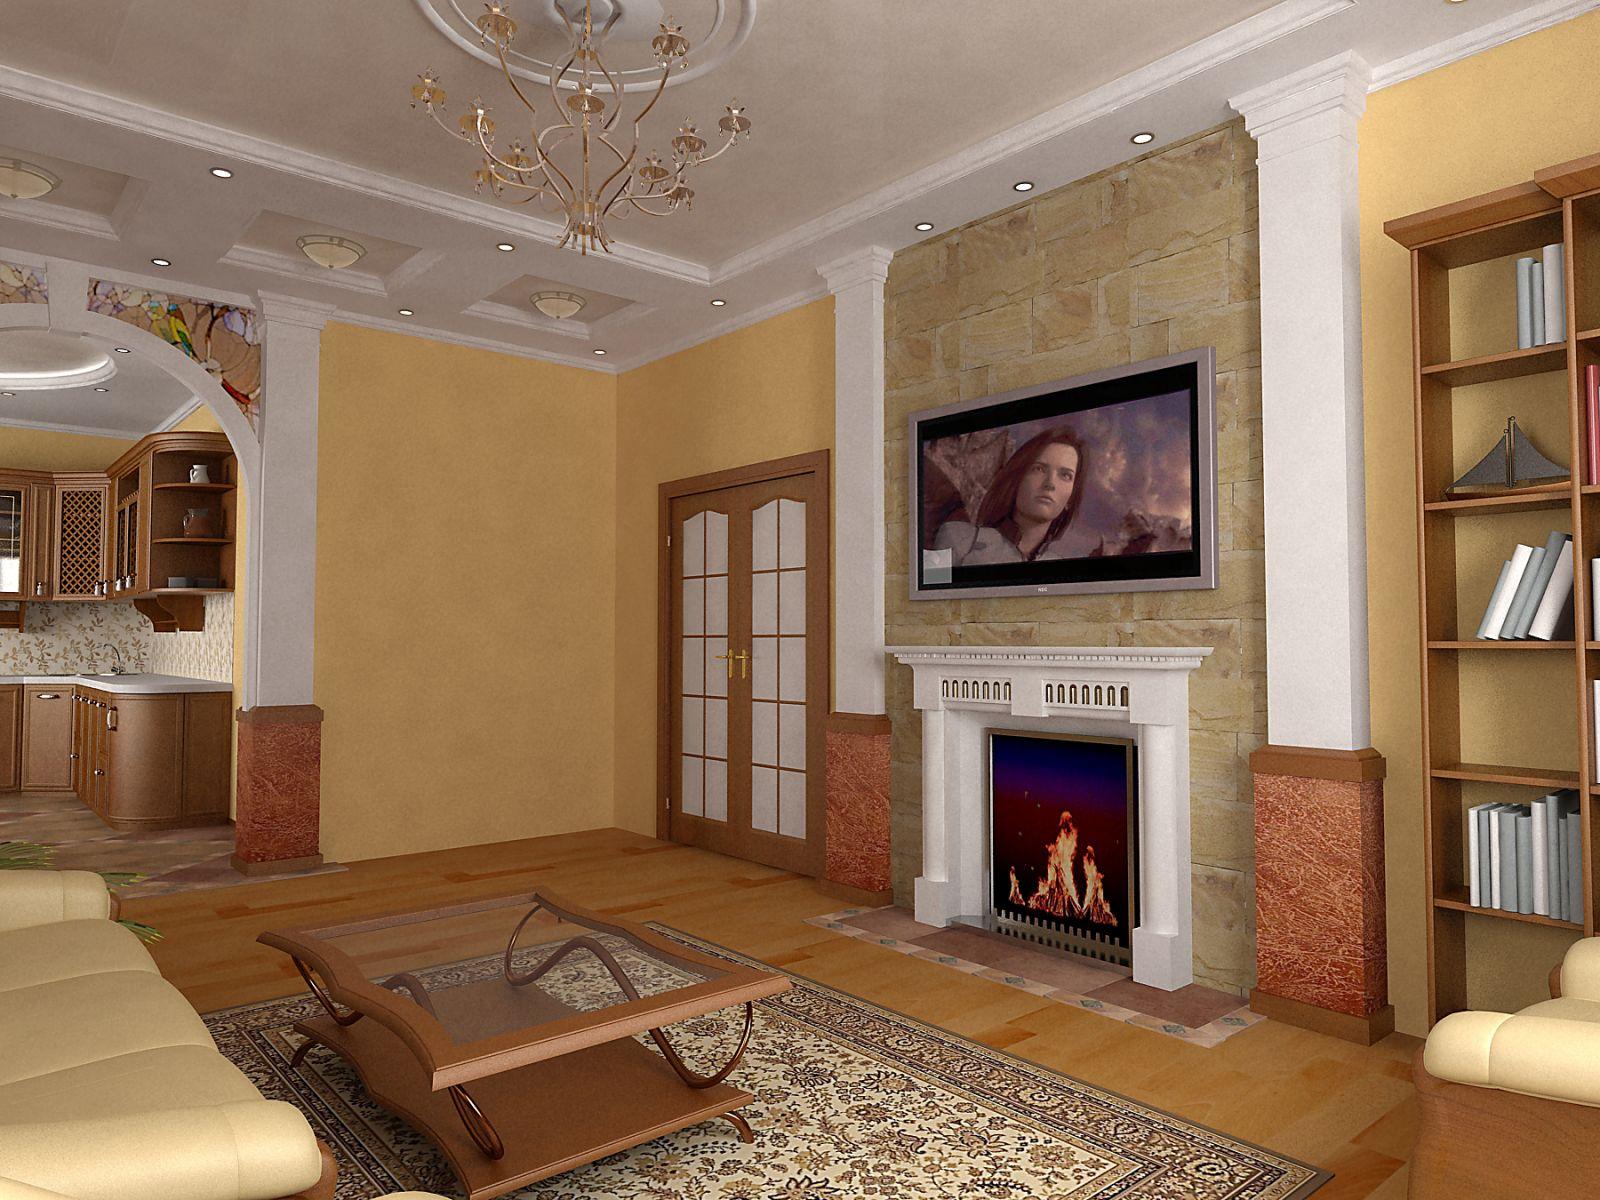 Дизайн зала с камином электрическим фото